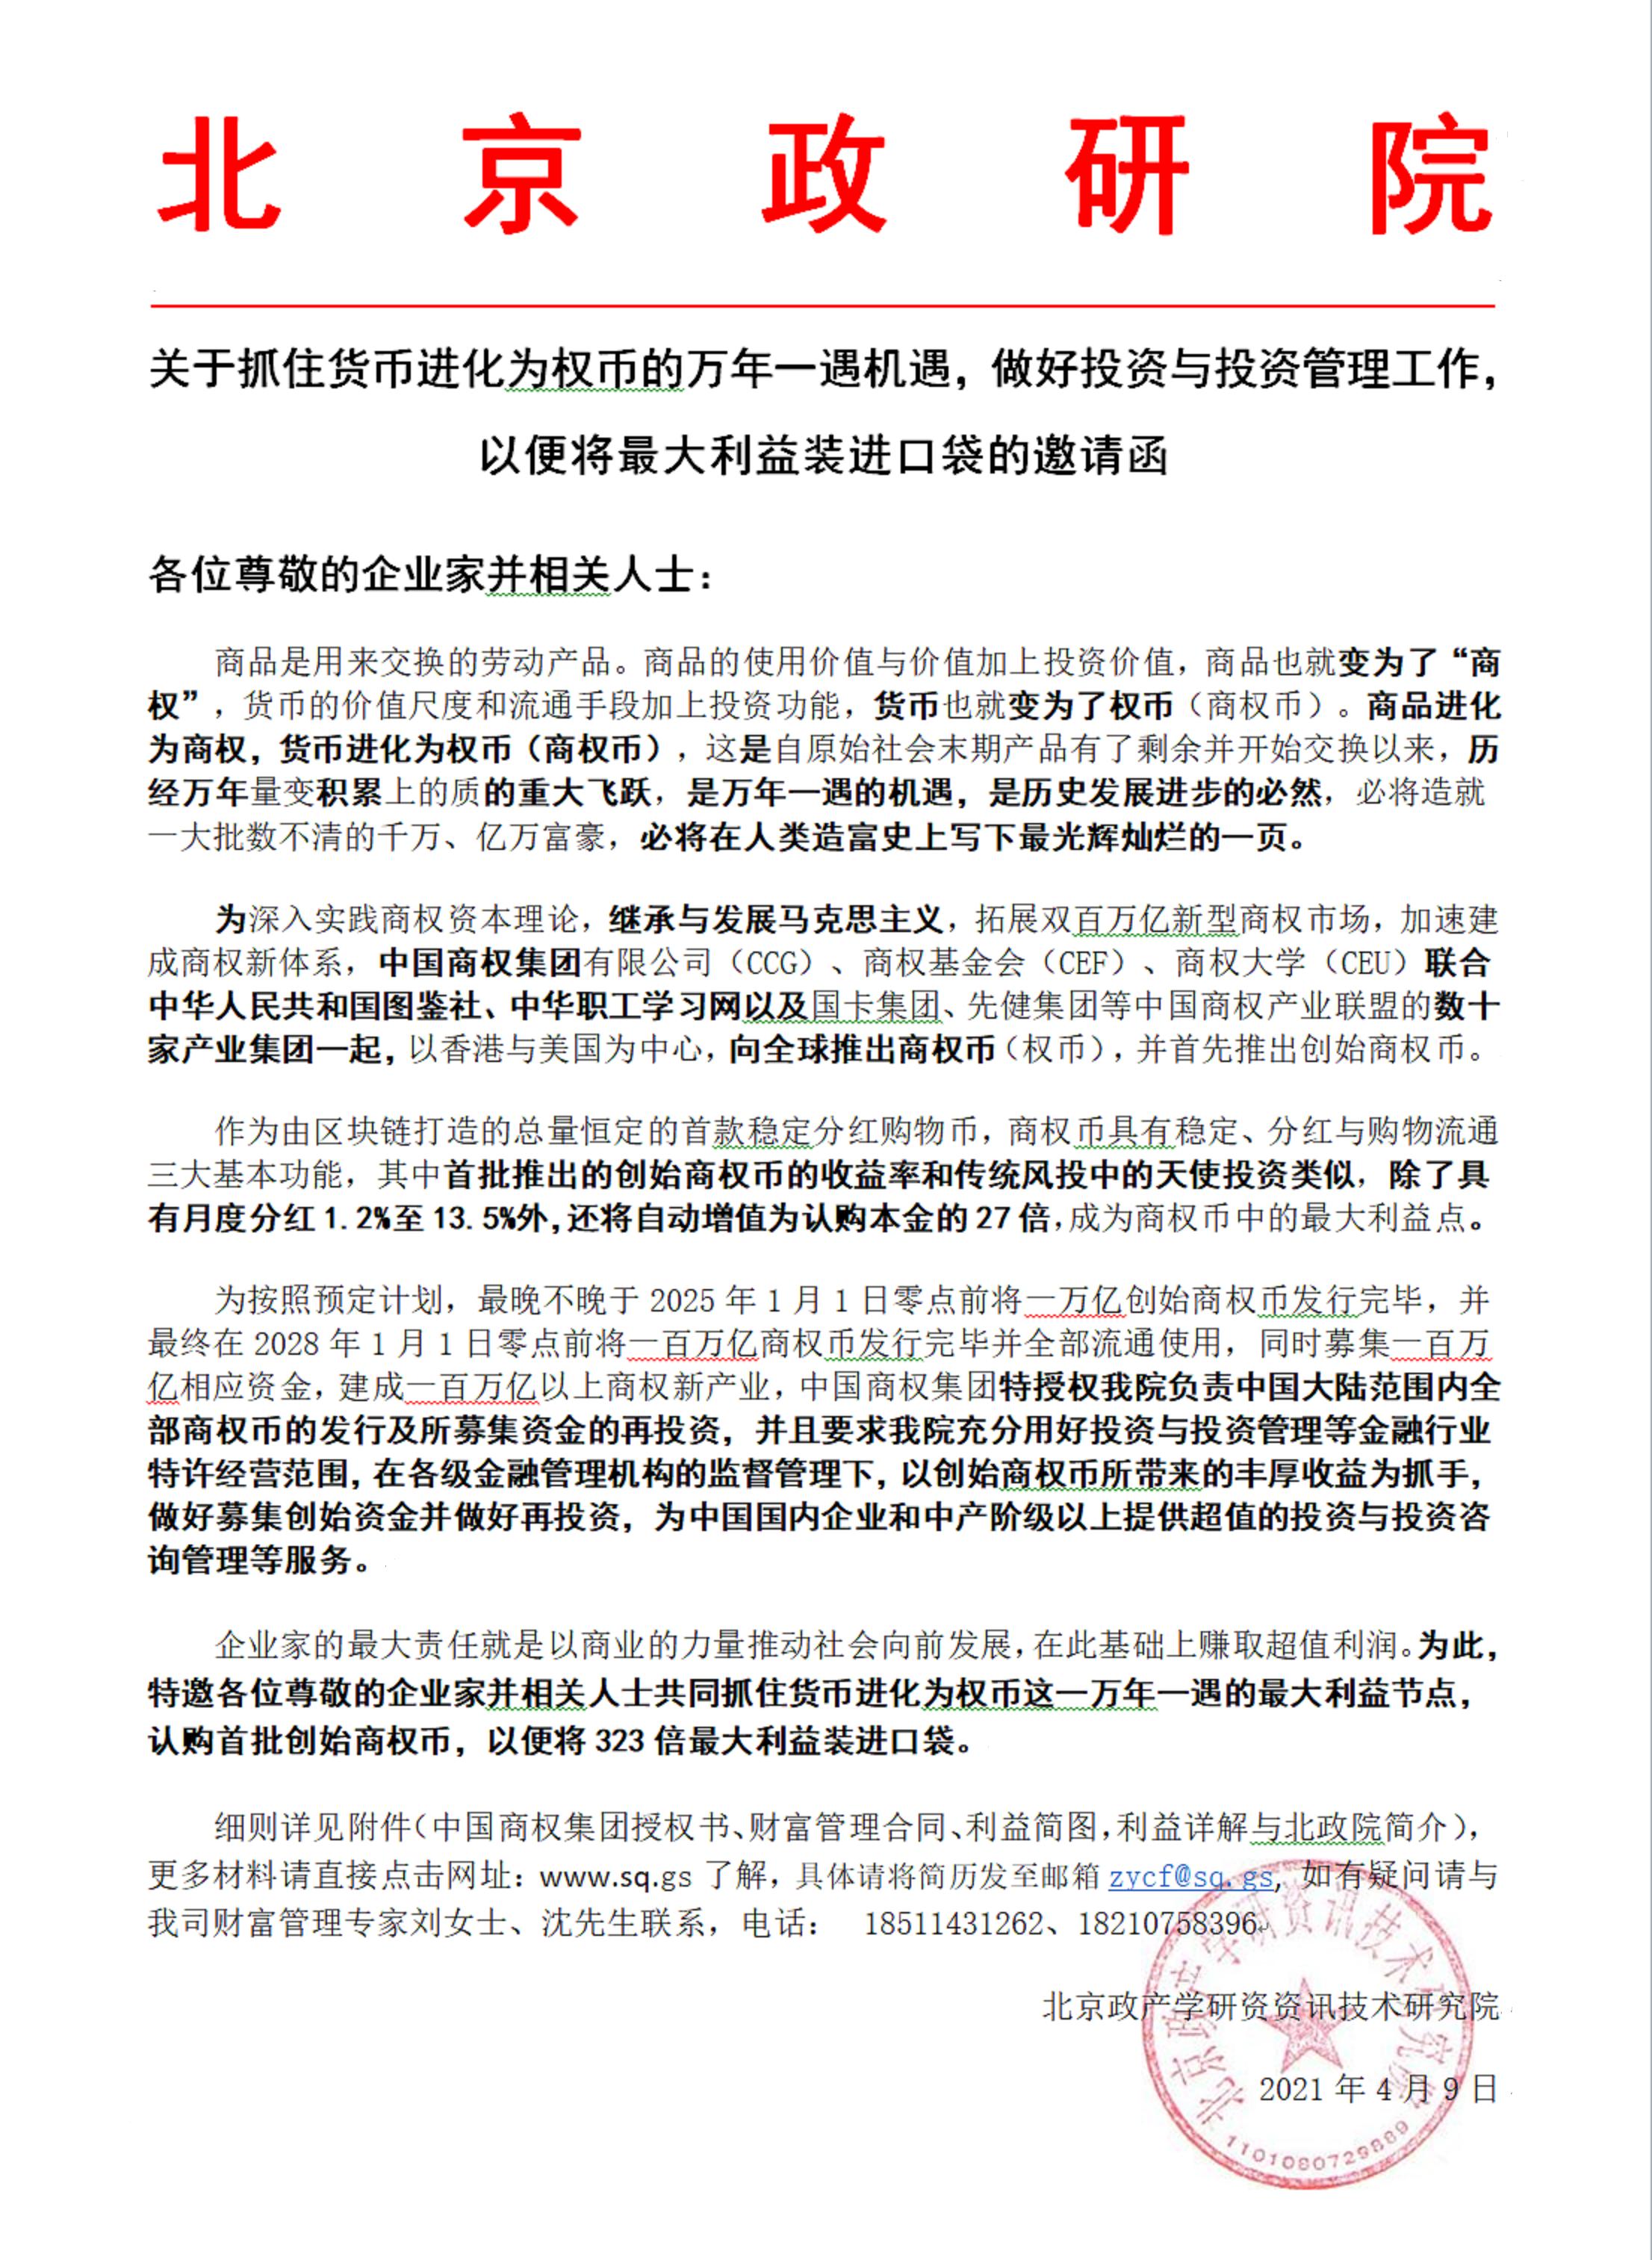 北京政研院做好投资与资产管理邀请函